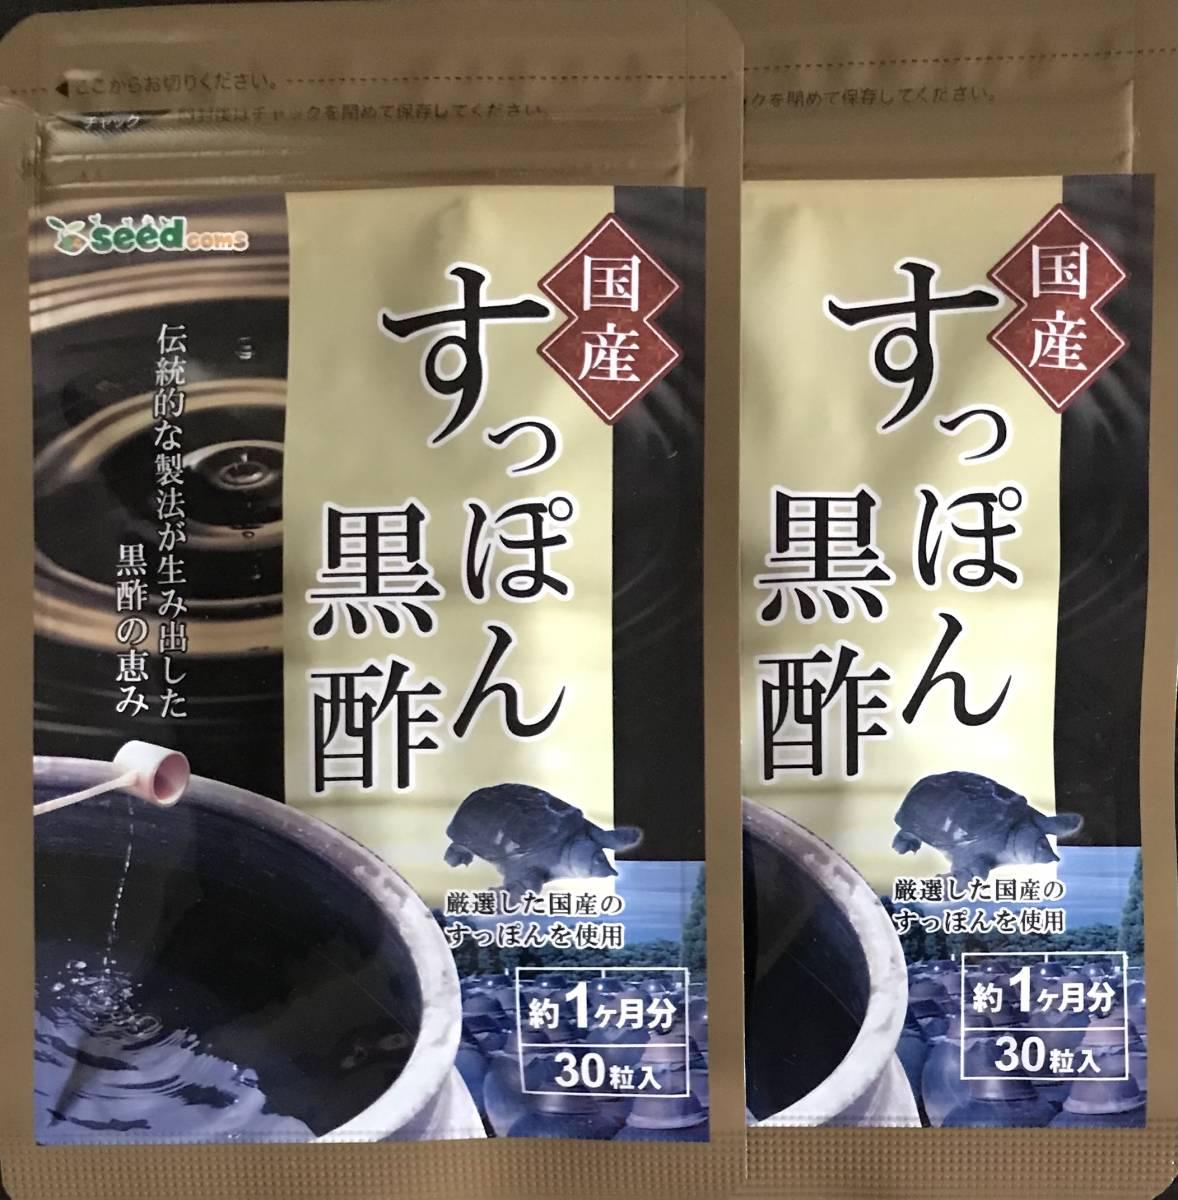 【送料無料】すっぽん黒酢 約2ヶ月分 (1ヶ月分30粒入×2袋) コラーゲン アミノ酸 リノレン酸 大豆ペプチド サプリメント シードコムス_画像1